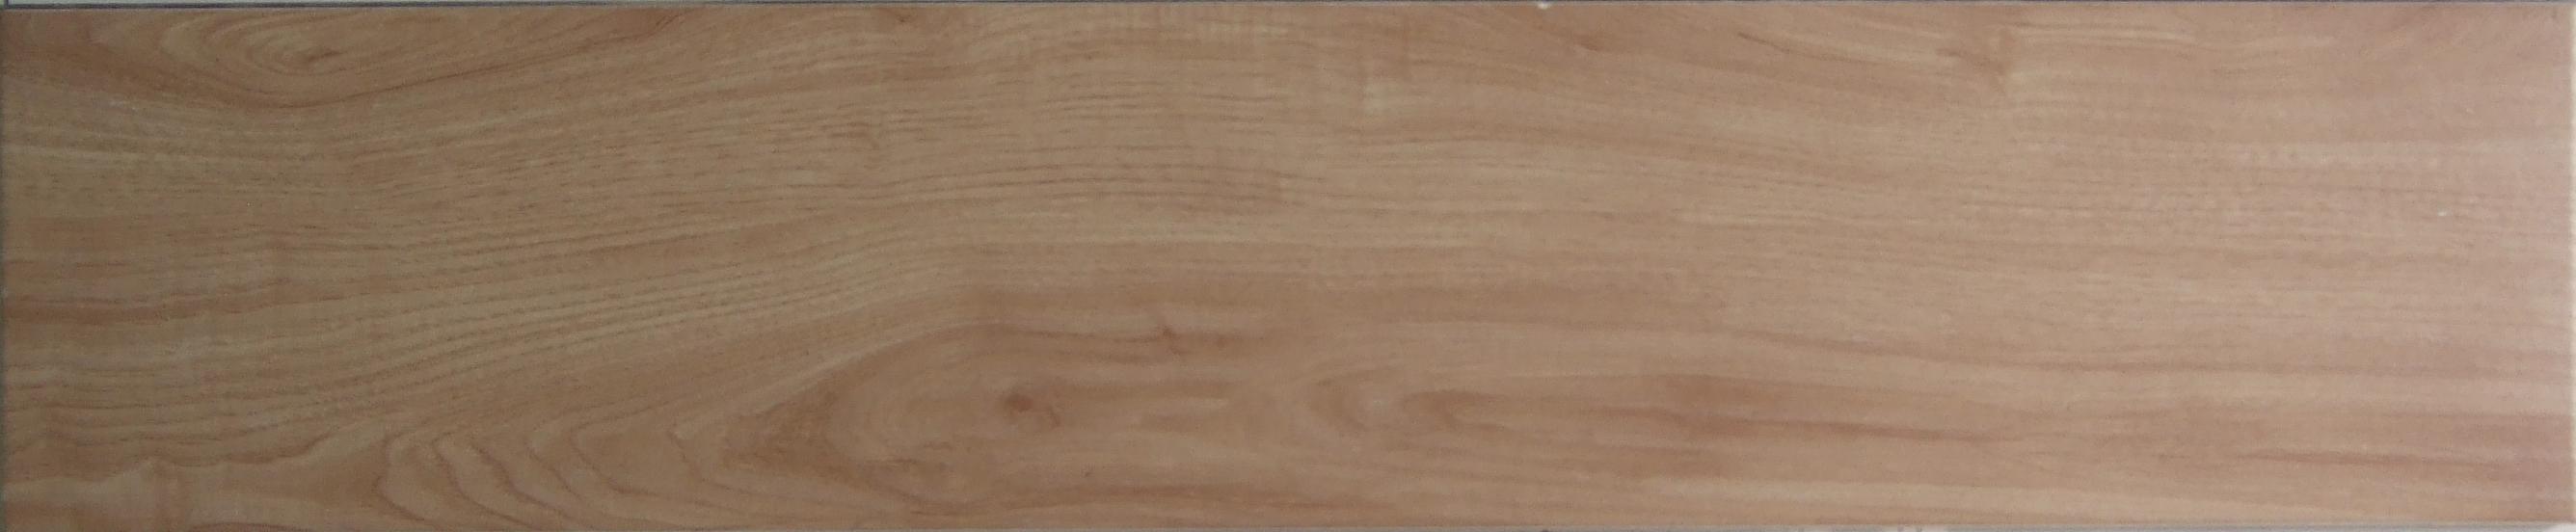 กระเบื้องลายไม้ 20x100 cm รุ่น VHH-08001